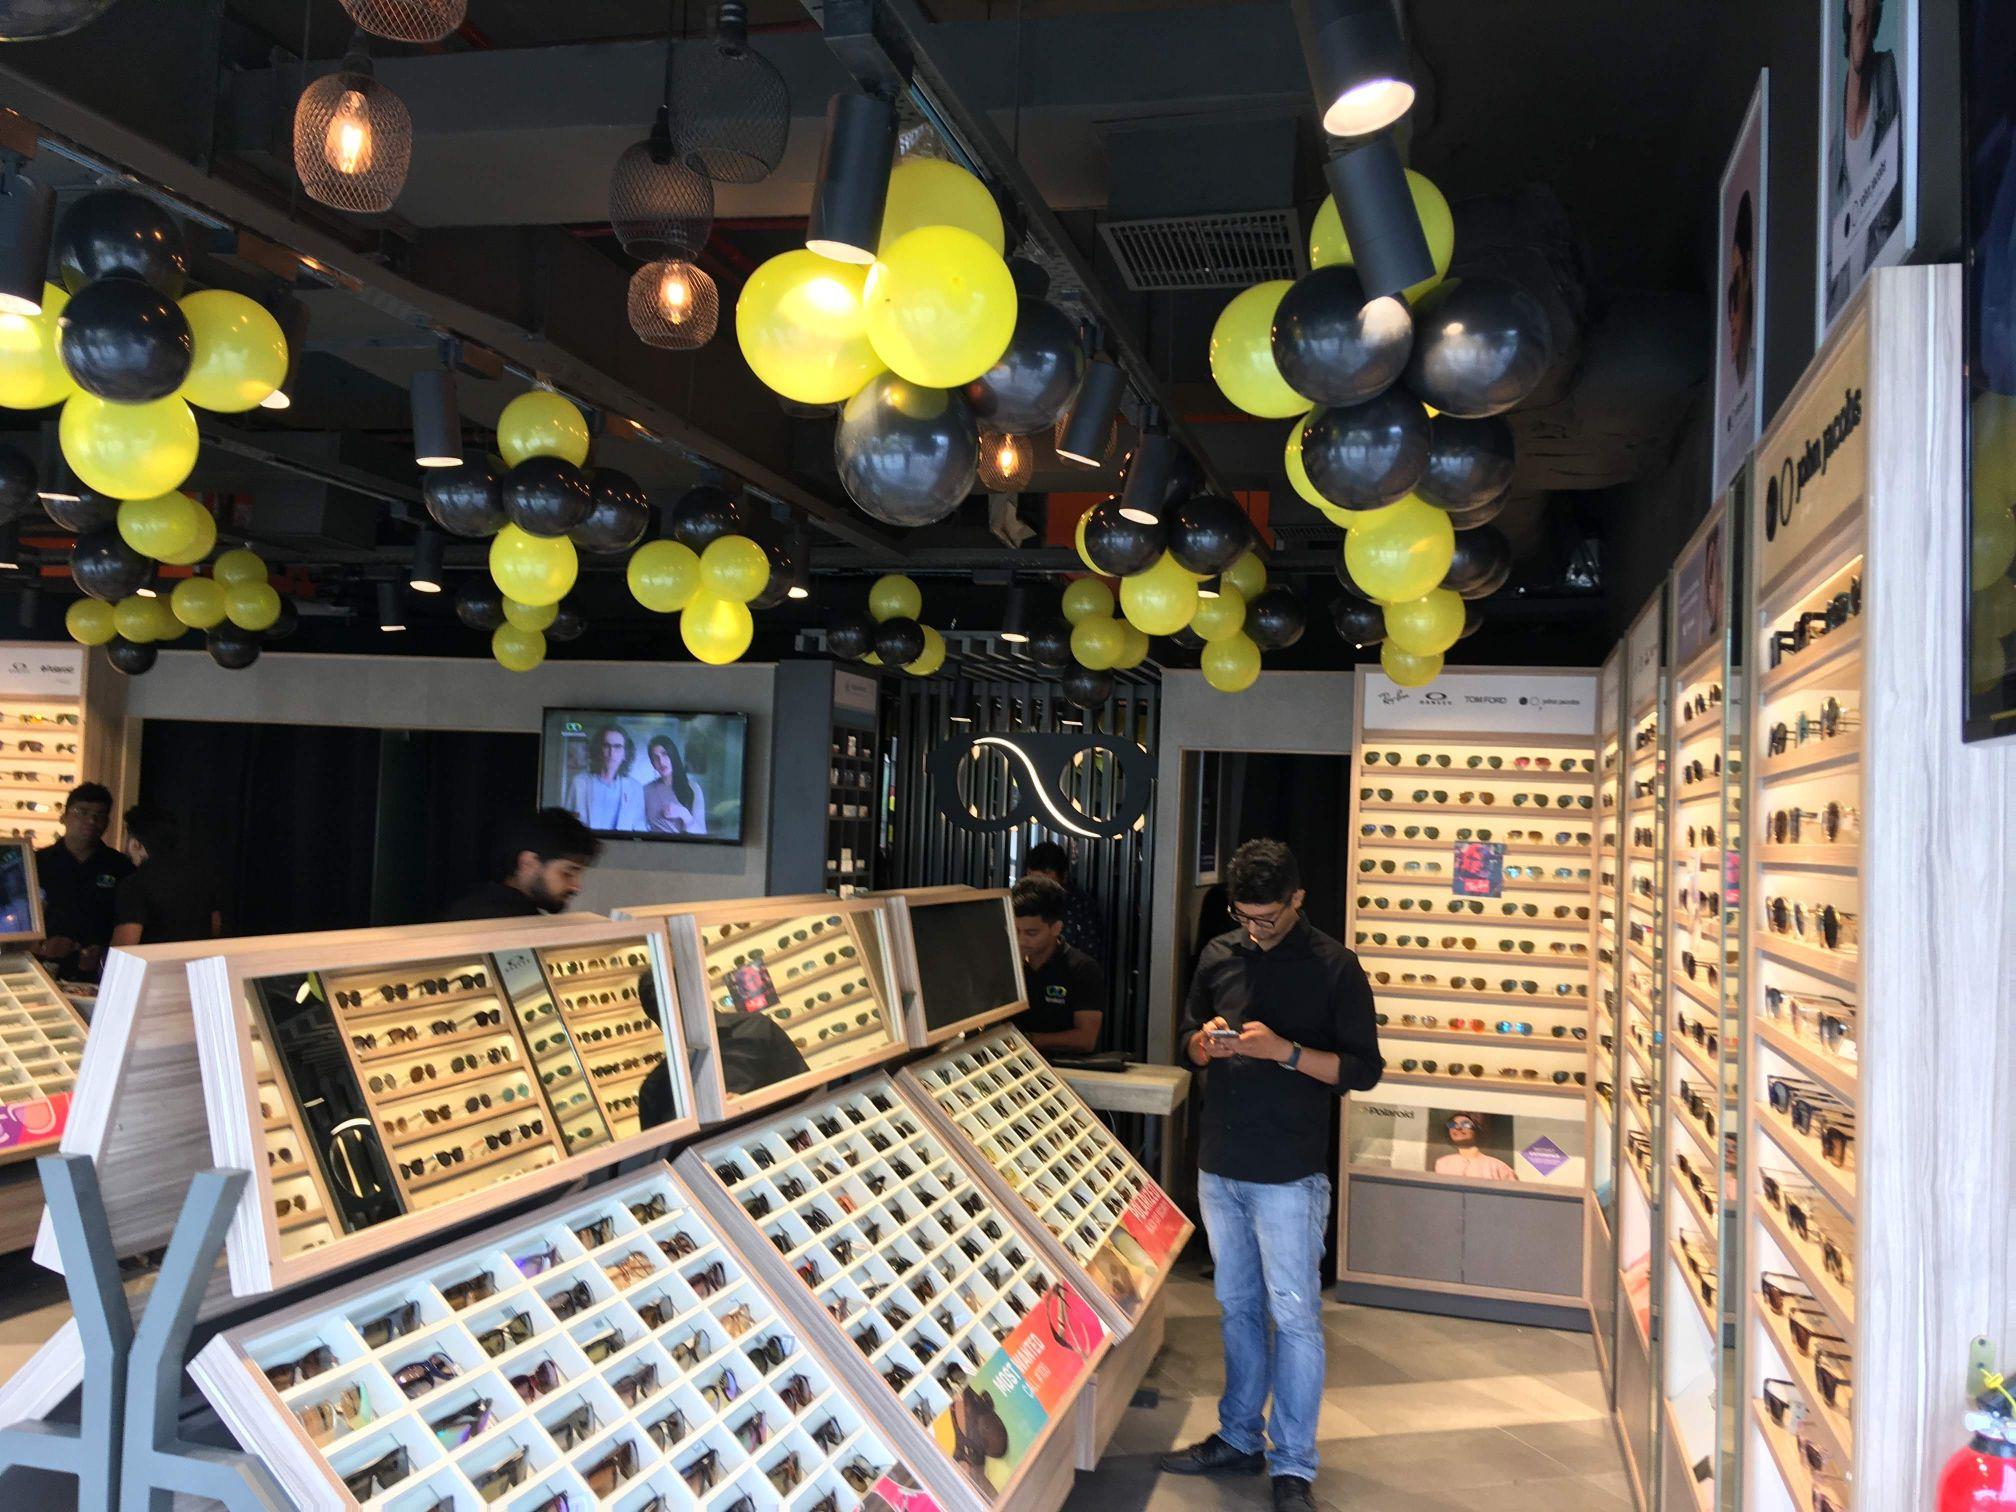 Lenskart.com - DLF City Phase 2, Gurgaon